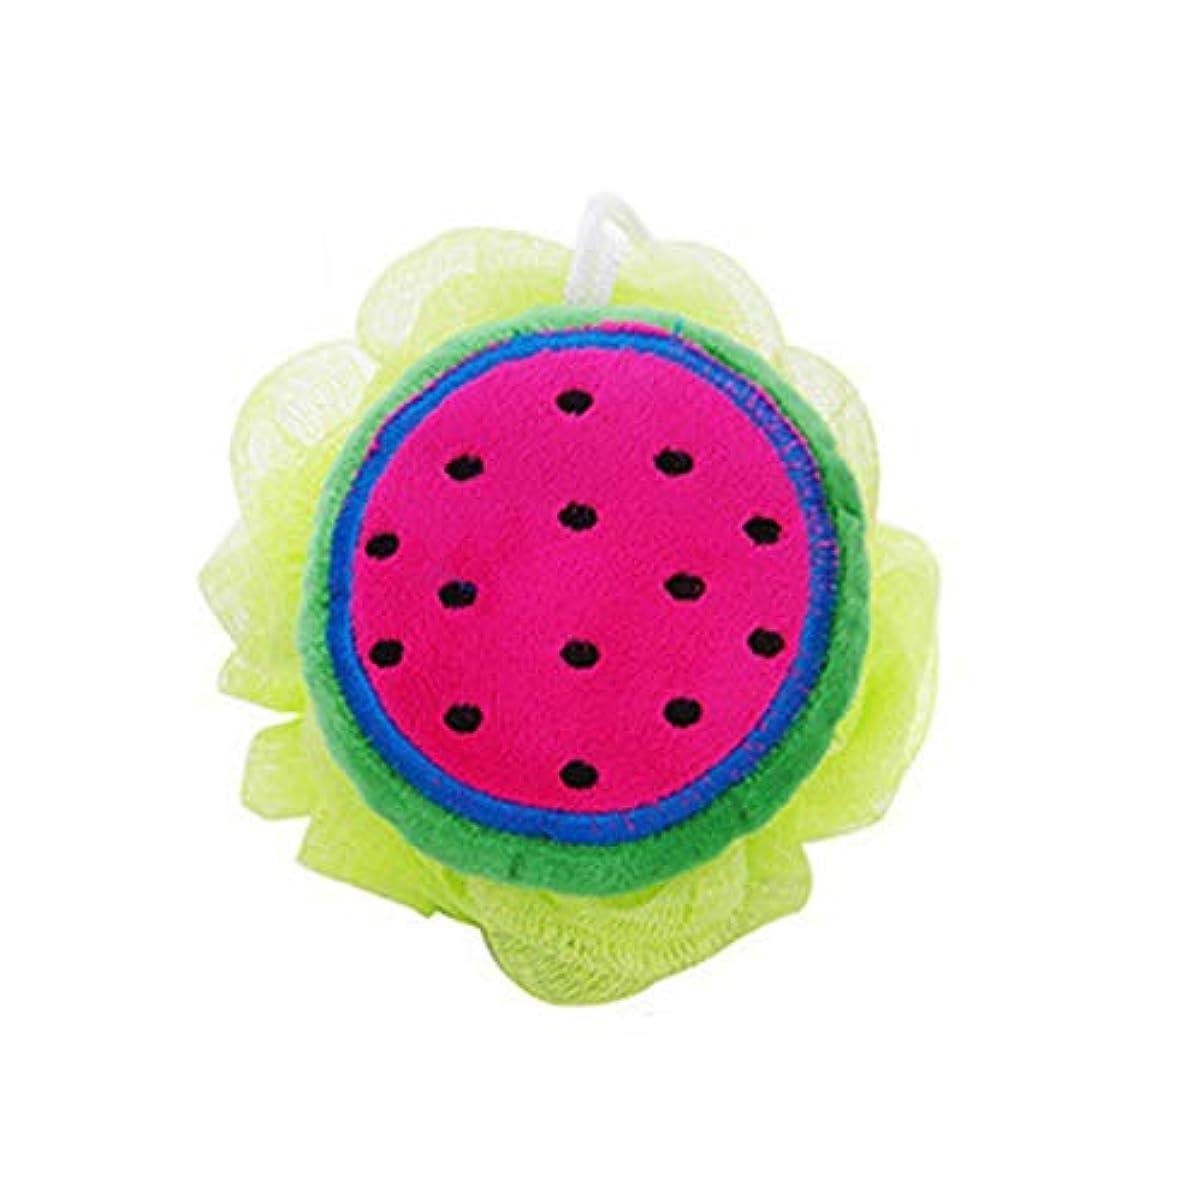 病表現咽頭カラーフルーツスタイルバスボール浴槽スクラバーシャワーボディクリーニングボールシャワーウォッシュナイロンメッシュバスアクセサリー-ローズレッド&グリーン